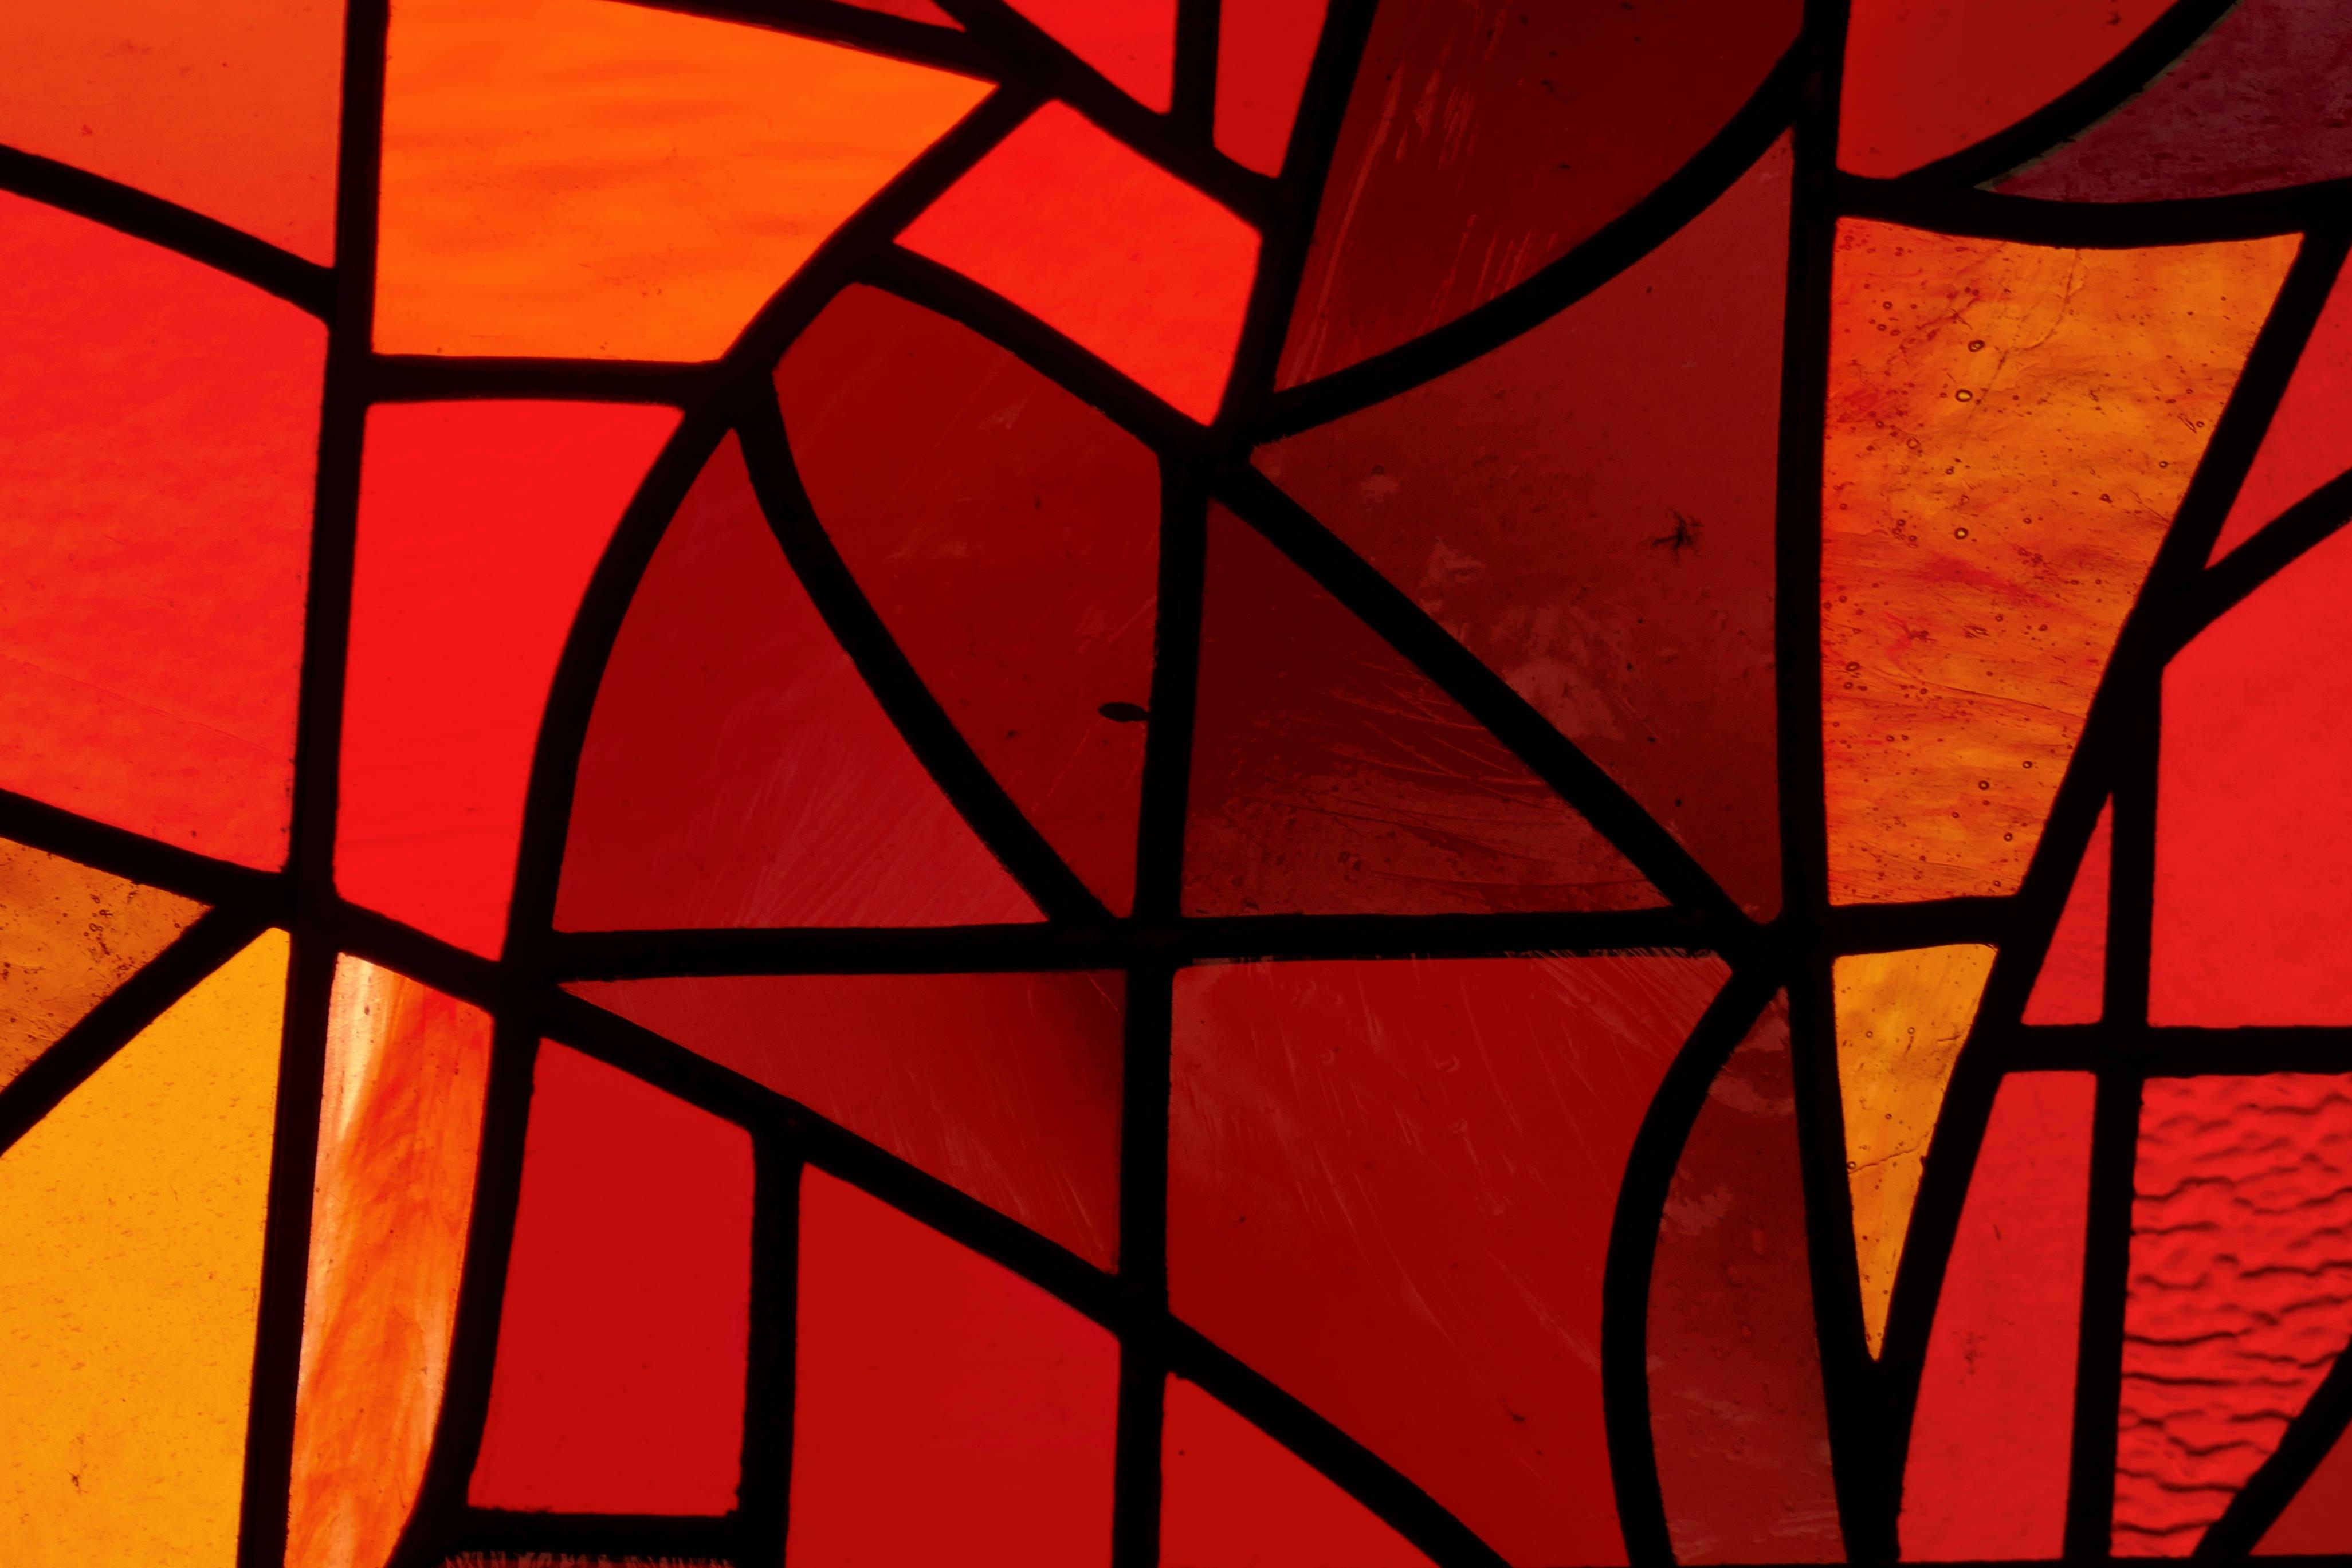 Sklo v rámech oken i obrazů